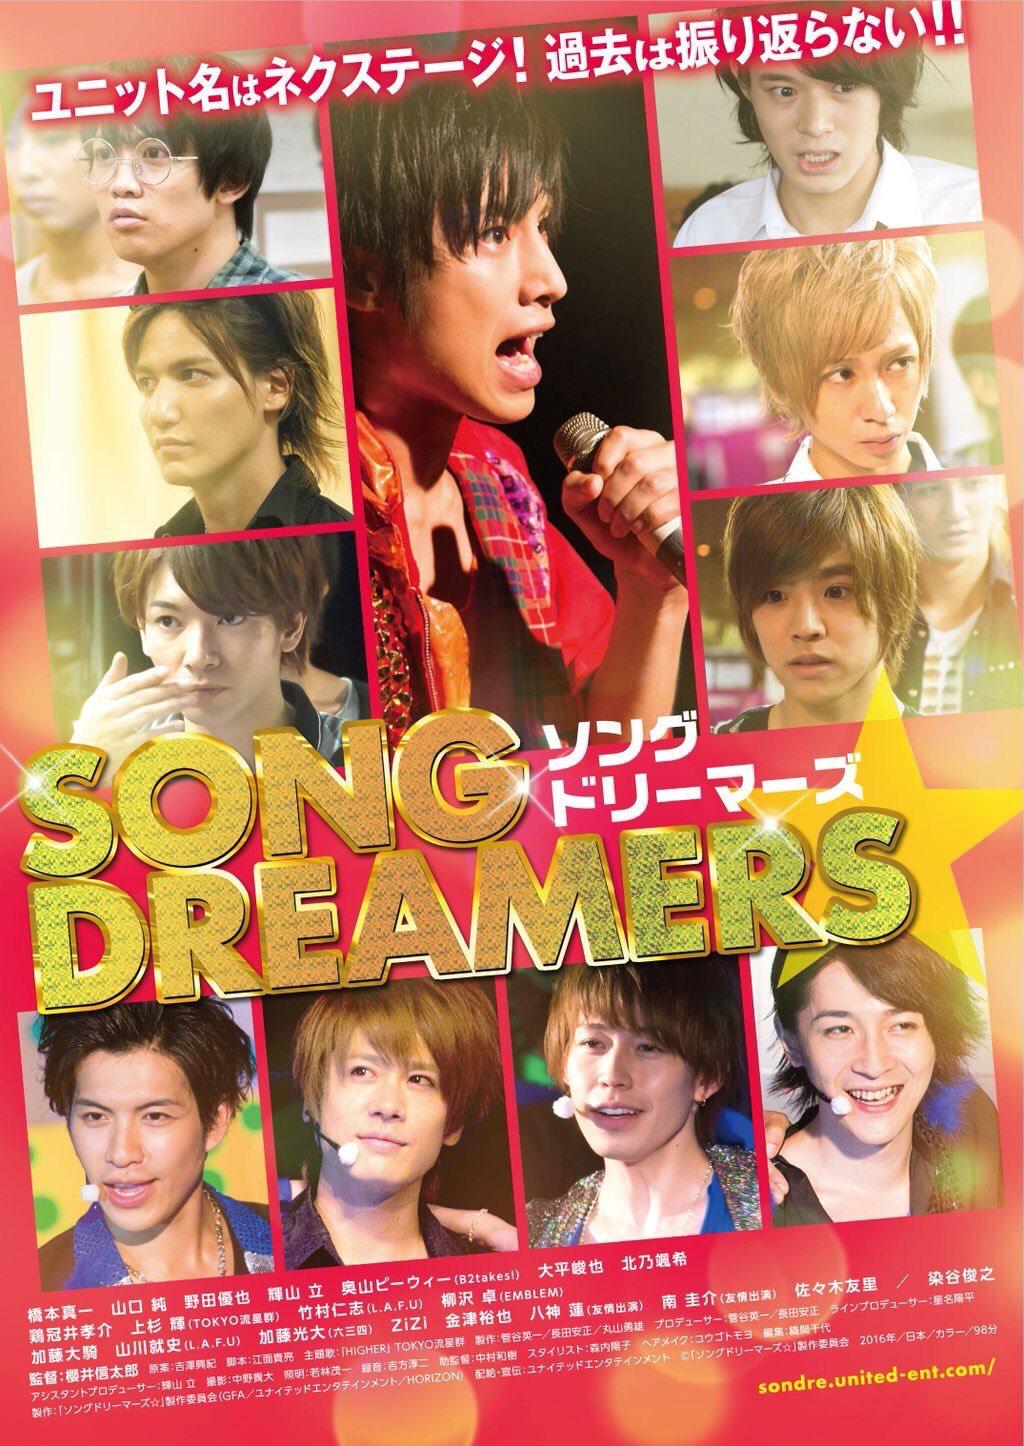 映画「ソングドリーマーズ☆」DVD発売記念振り返りイベント